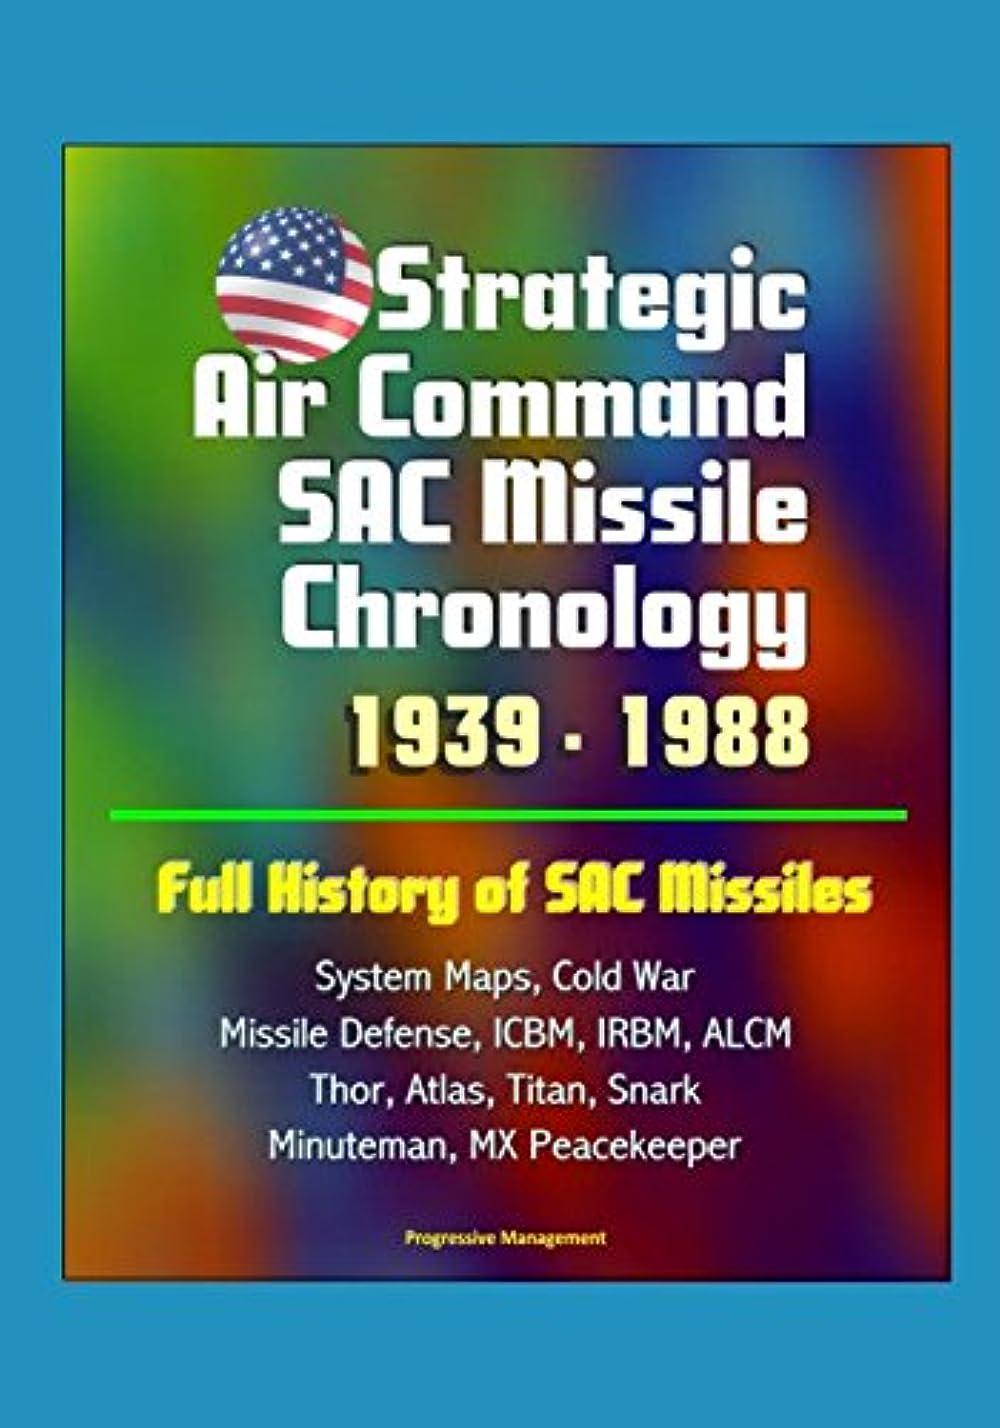 ヒステリック便宜ショルダーStrategic Air Command SAC Missile Chronology 1939 - 1988: Full History of SAC Missiles, System Maps, Cold War, Missile Defense, ICBM, IRBM, ALCM, Thor, Atlas, Titan, Snark, Minuteman, MX Peacekeeper